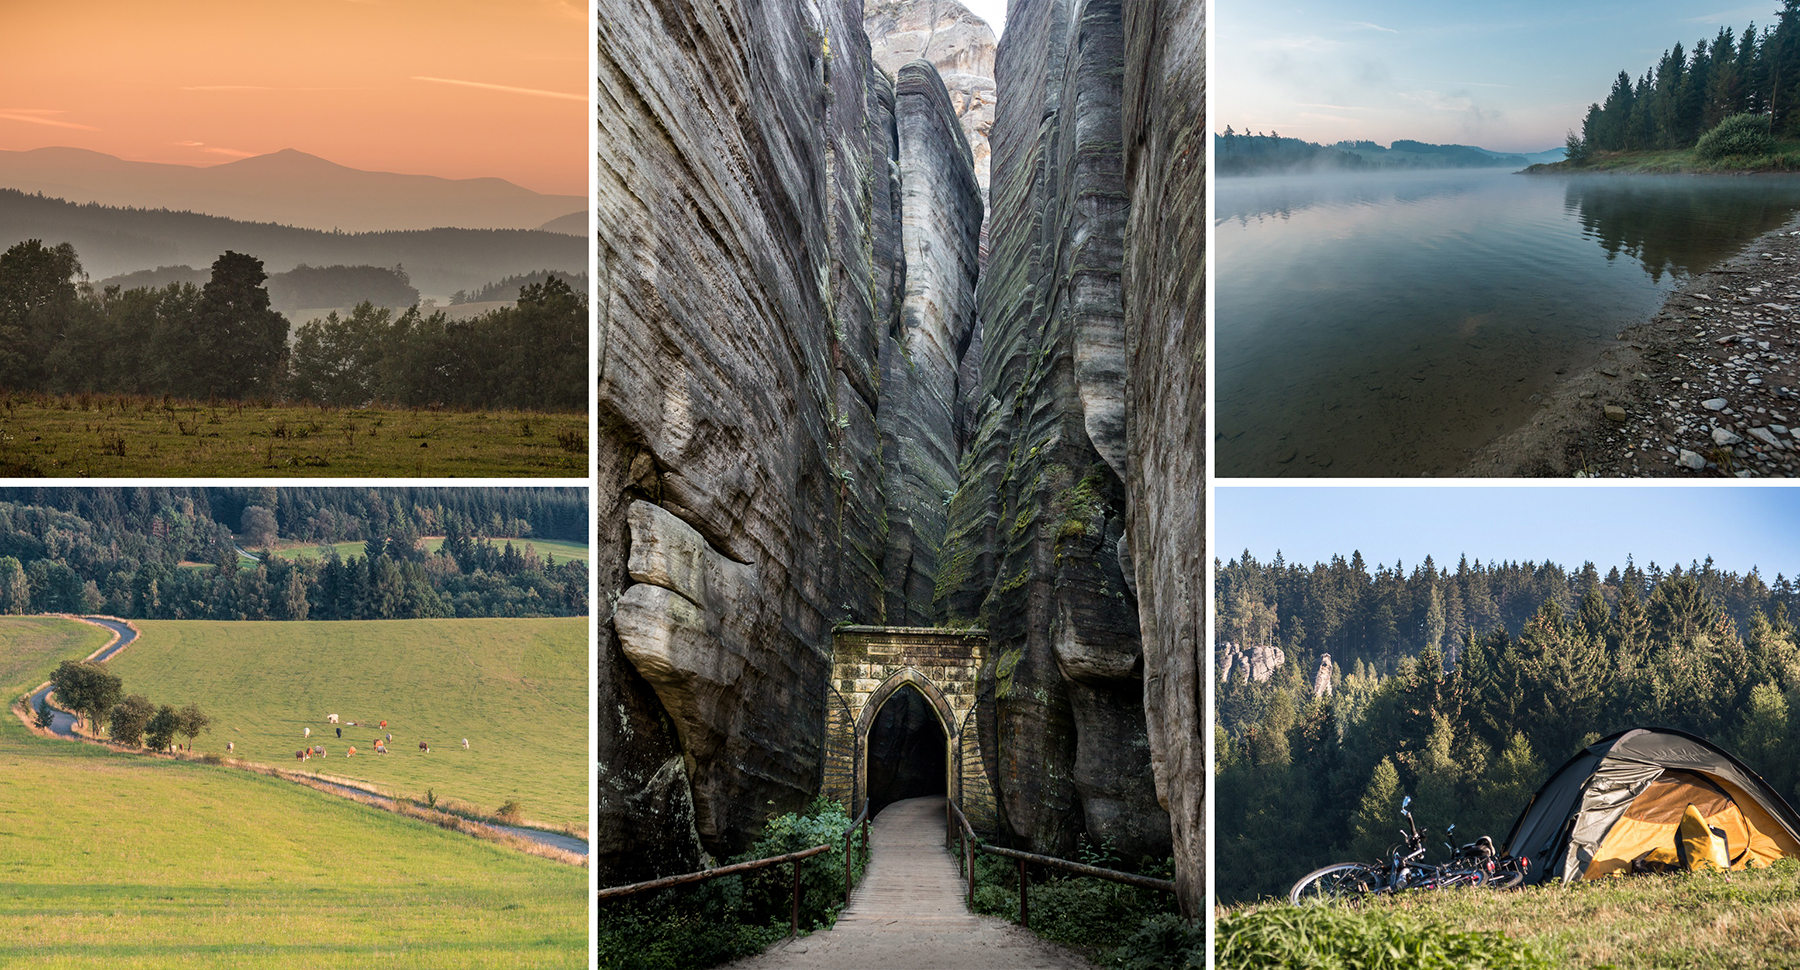 czechy-ciekawe-miejsca-atrakcje-na-rowerze-zwiedzanie-skaly-adrszpaskie